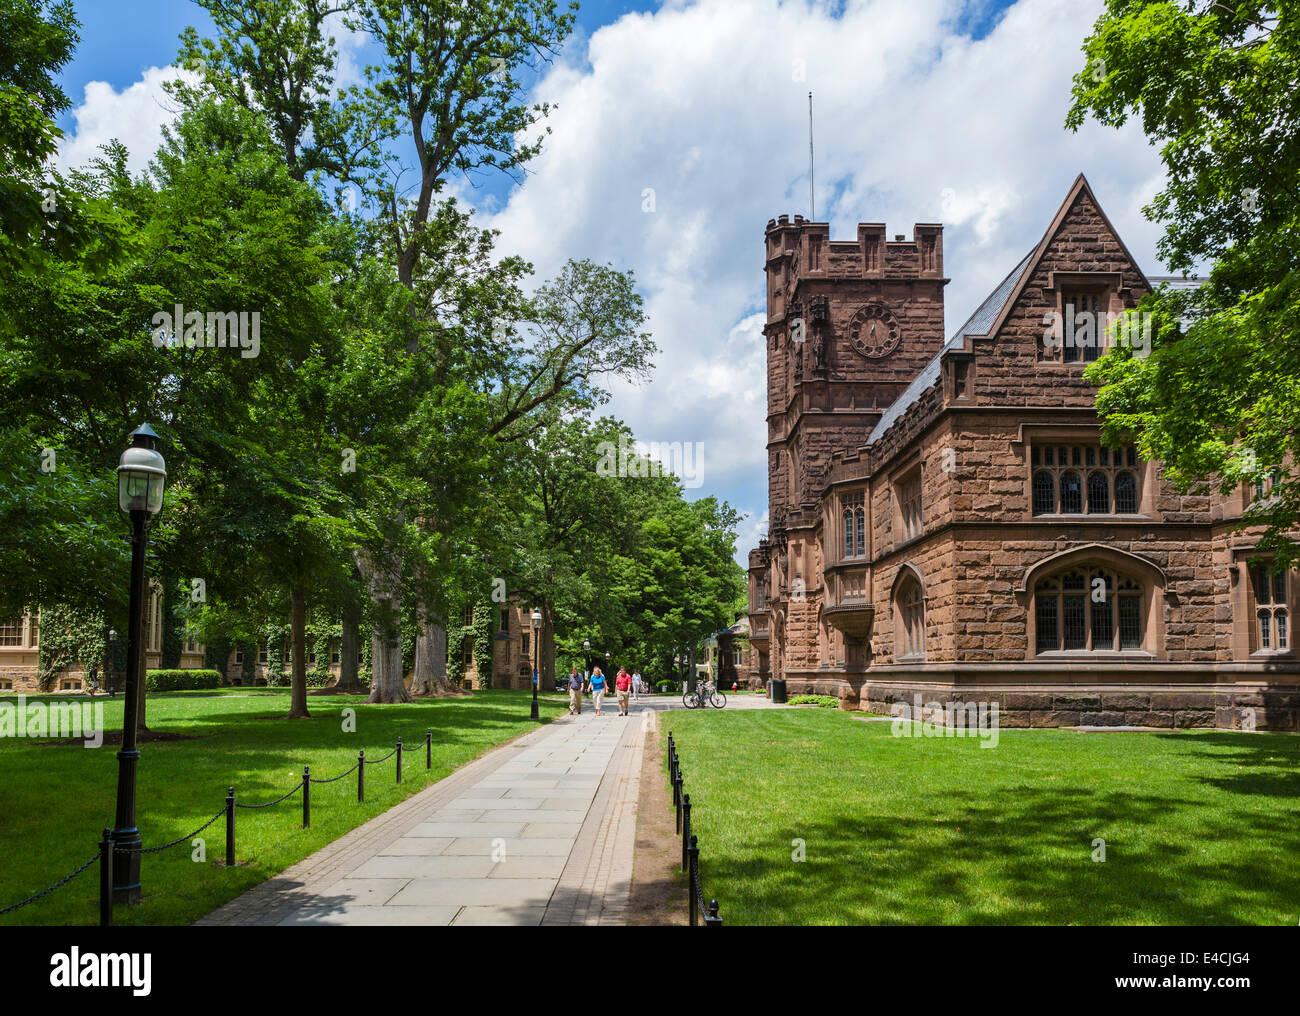 Cañón Verde en la Universidad de Princeton con East Pyne hacia la derecha, de Princeton, Nueva Jersey, Imagen De Stock